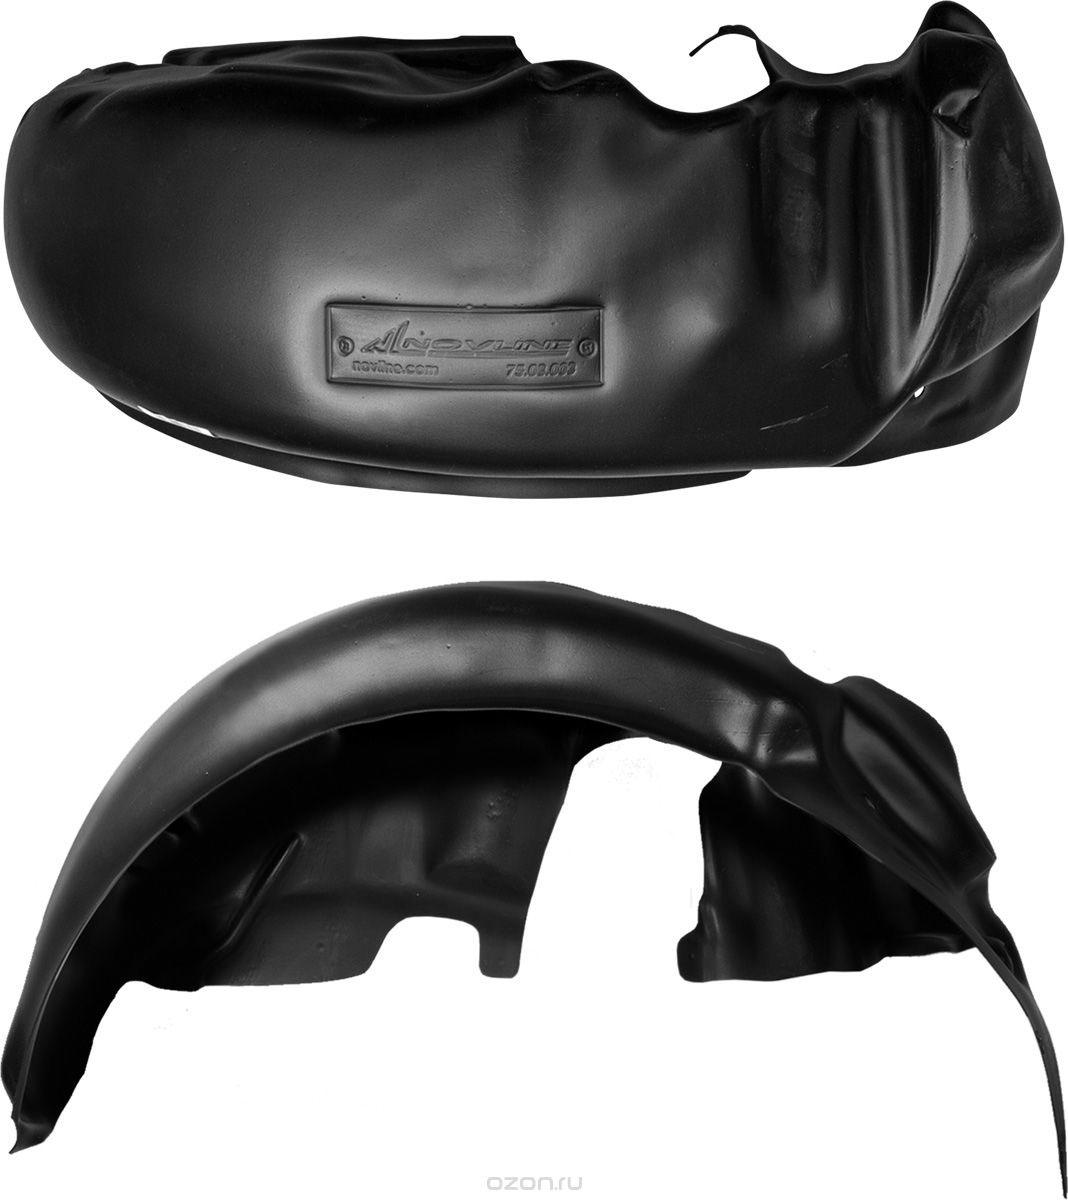 Подкрылок Novline-Autofamily, для Ford Ecosport 2WD, 2014->, задний правыйNLL.16.58.004Идеальная защита колесной ниши. Локеры разработаны с применением цифровых технологий, гарантируют максимальную повторяемость поверхности арки. Изделия устанавливаются без нарушения лакокрасочного покрытия автомобиля, каждый подкрылок комплектуется крепежом. Уважаемые клиенты, обращаем ваше внимание, что фотографии на подкрылки универсальные и не отражают реальную форму изделия. При этом само изделие идет точно под размер указанного автомобиля.